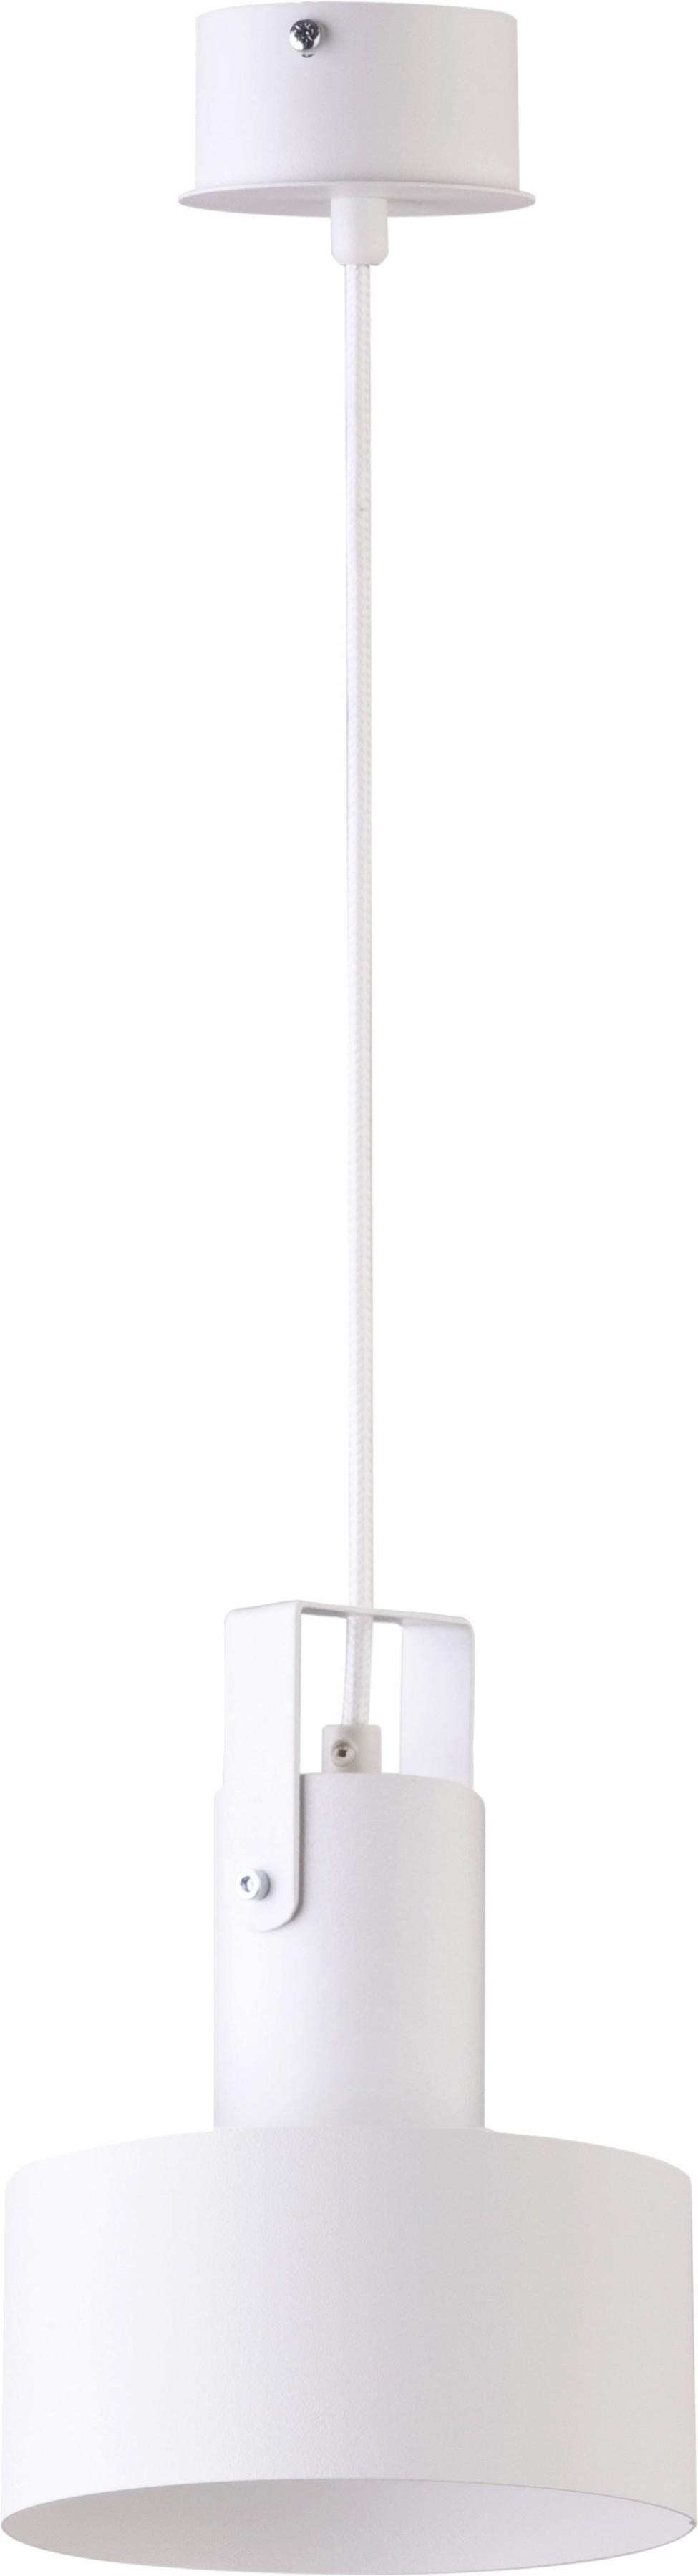 Lampa wisząca Rif plus 1 S biała 31198 - Sigma Do -17% rabatu w koszyku i darmowa dostawa od 299zł !